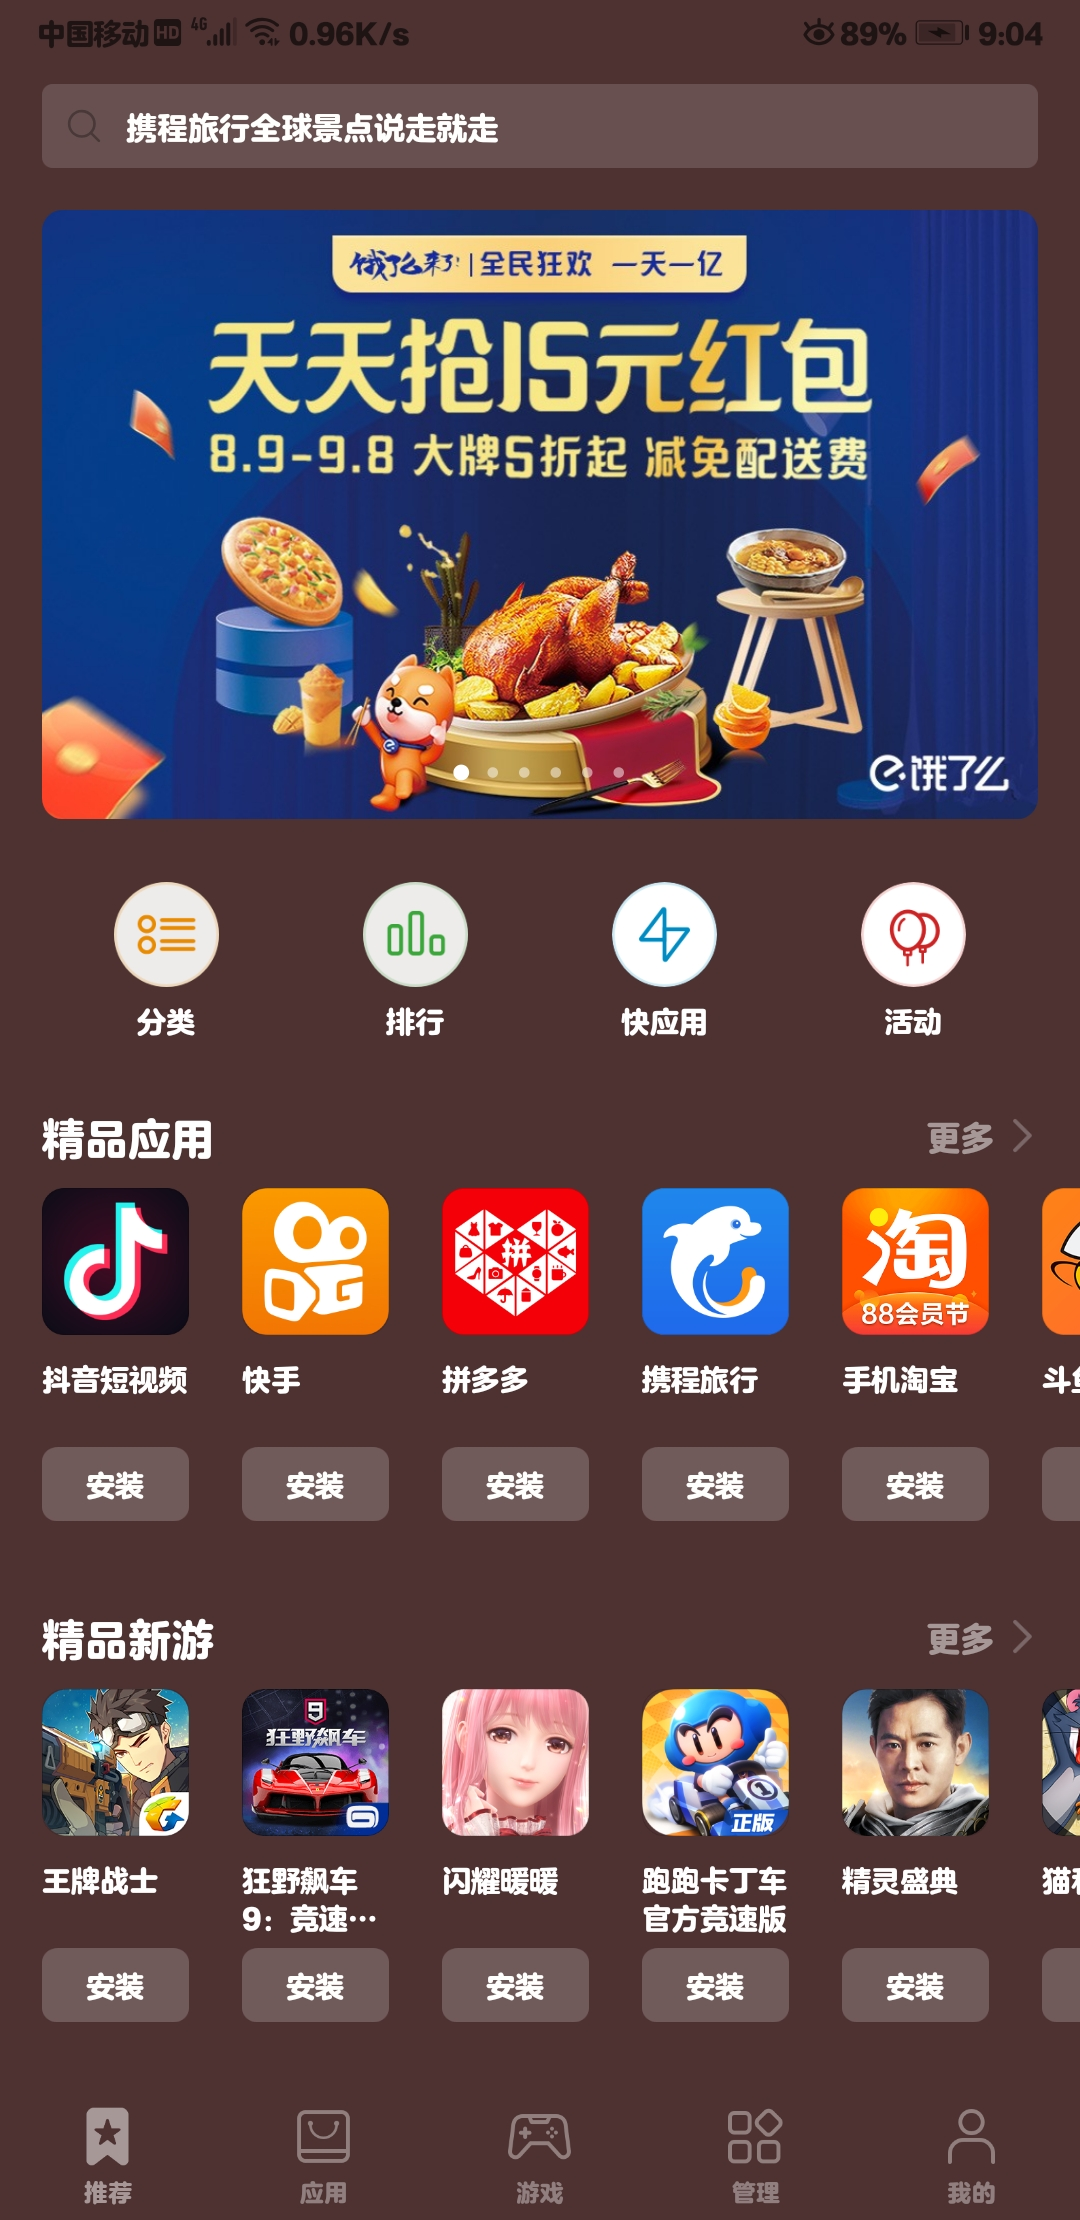 Screenshot_20190817_210445_com.huawei.appmarket.jpg